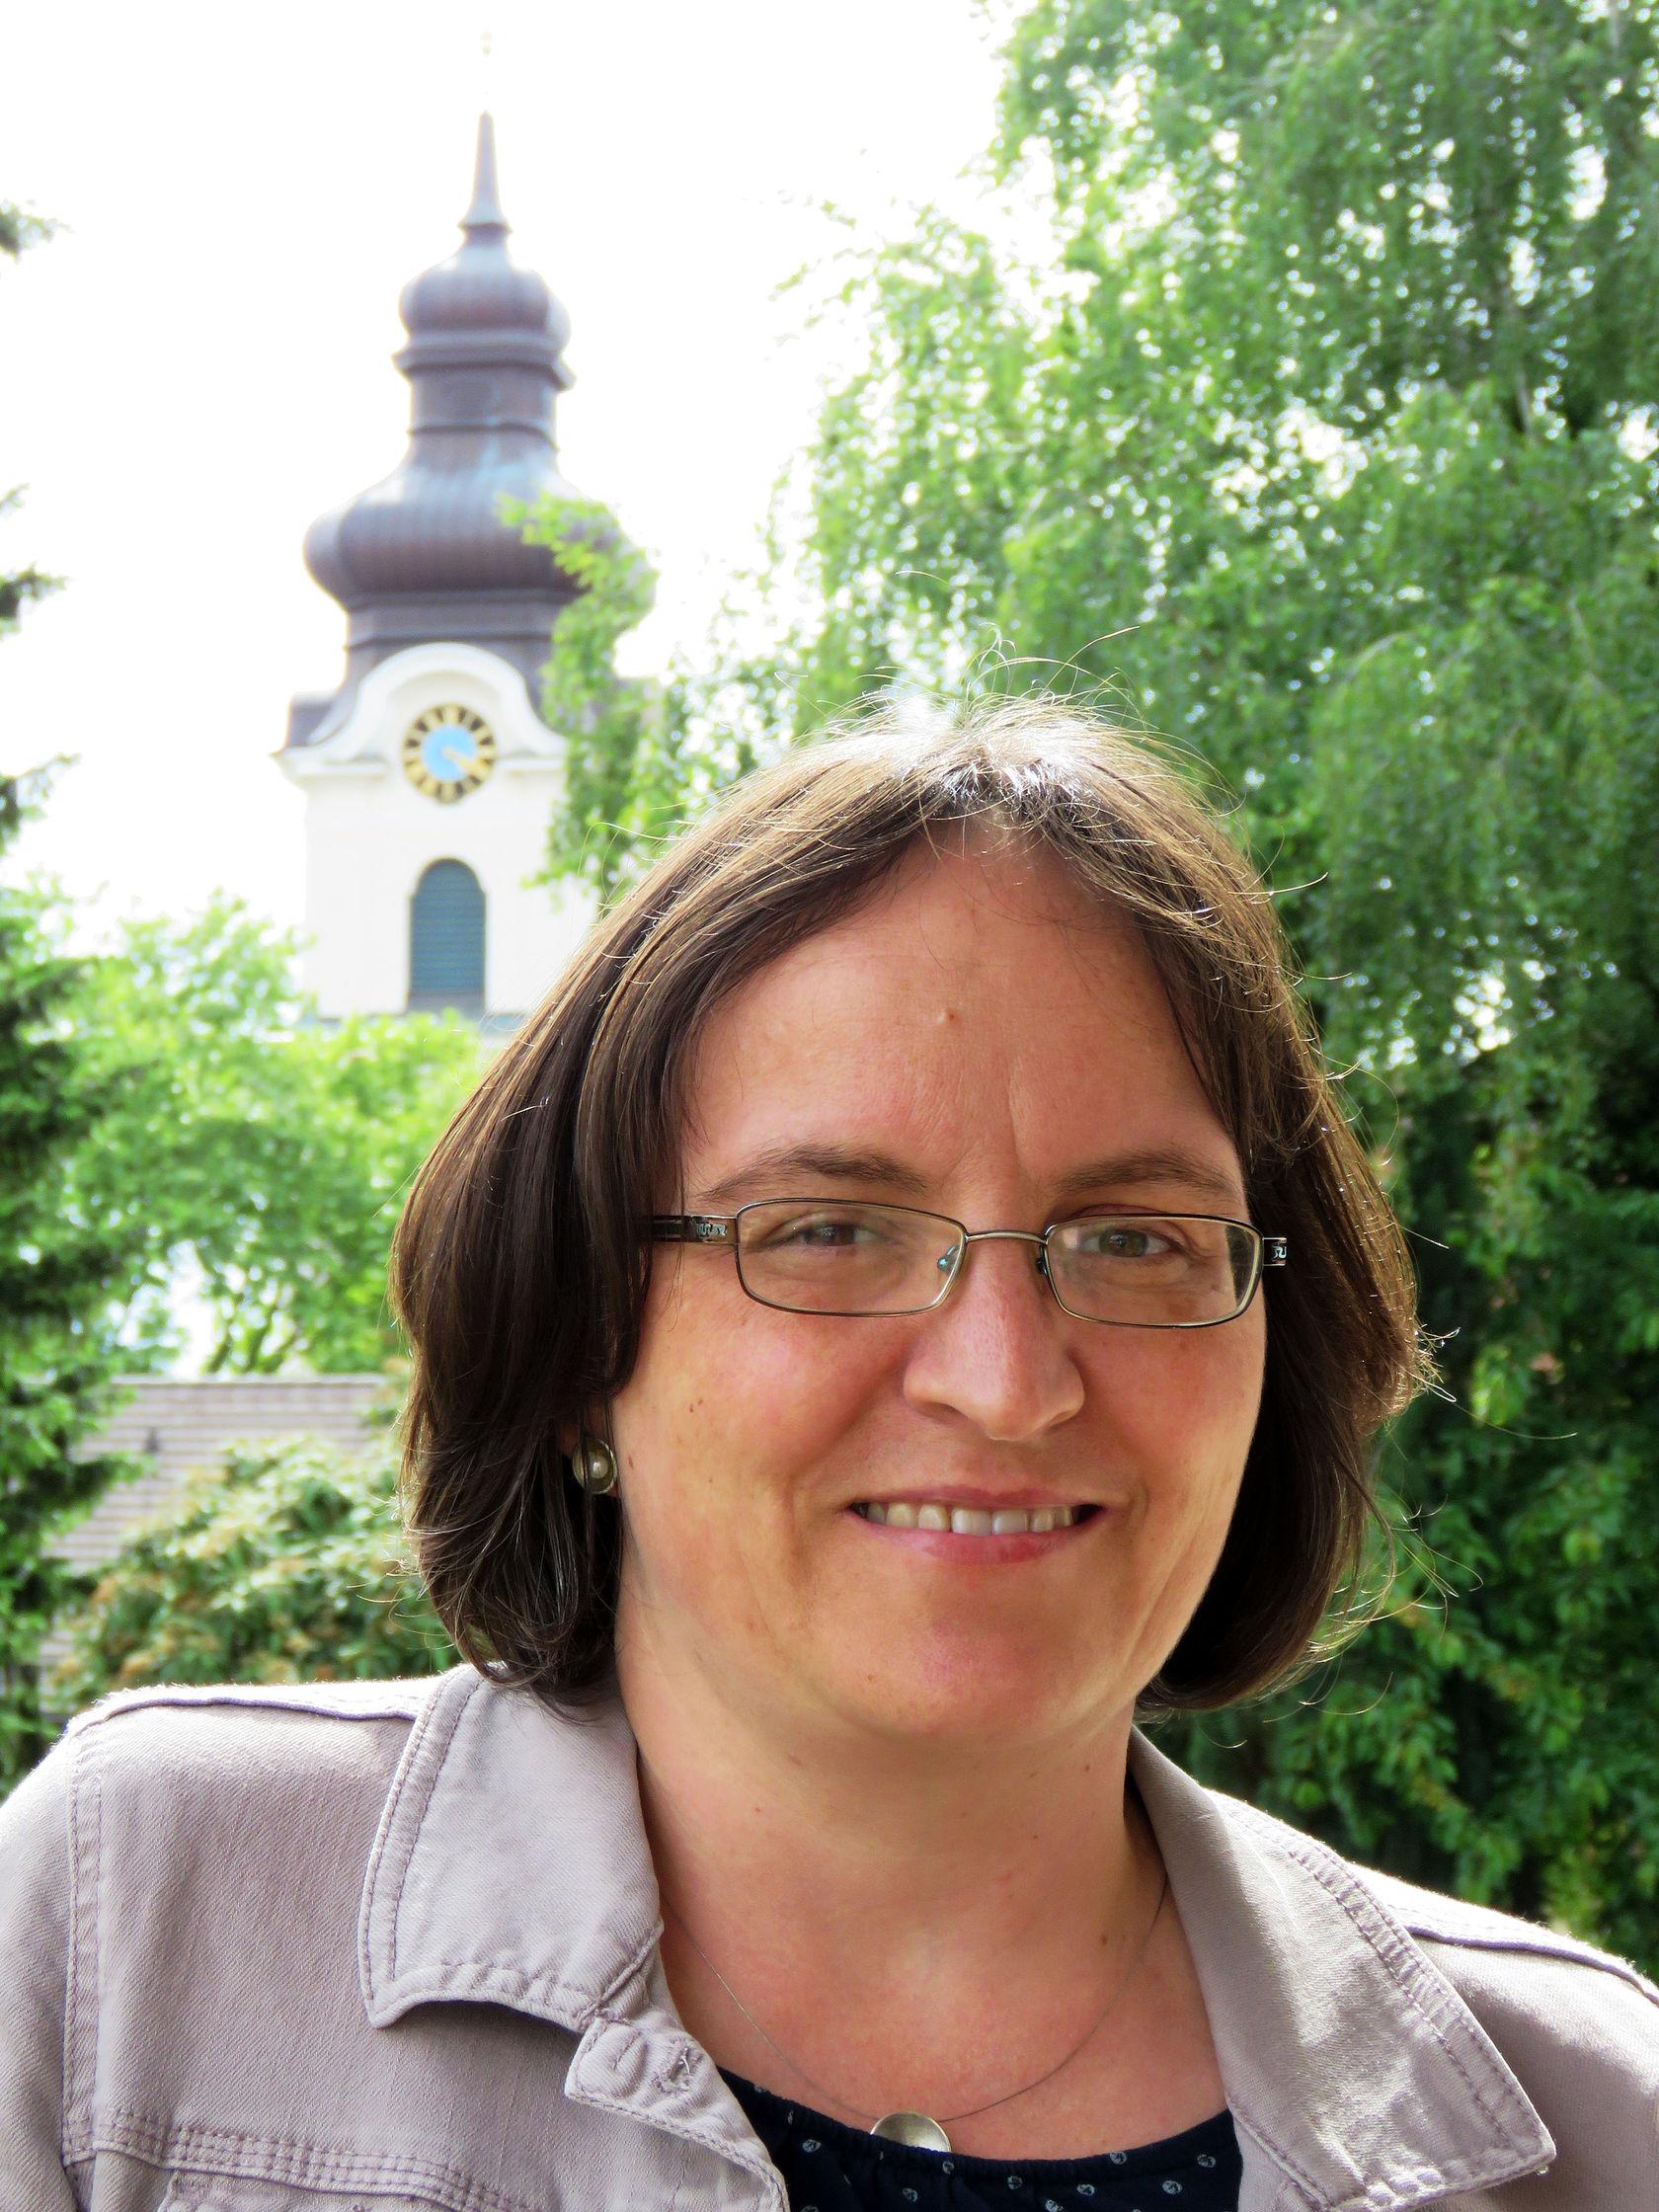 Lahr »Der Terminkalender ist leer« Nachrichten der Ortenau - Offenburger ... - fries_pastoralref_ann_kathrin_wetzel2_lcc